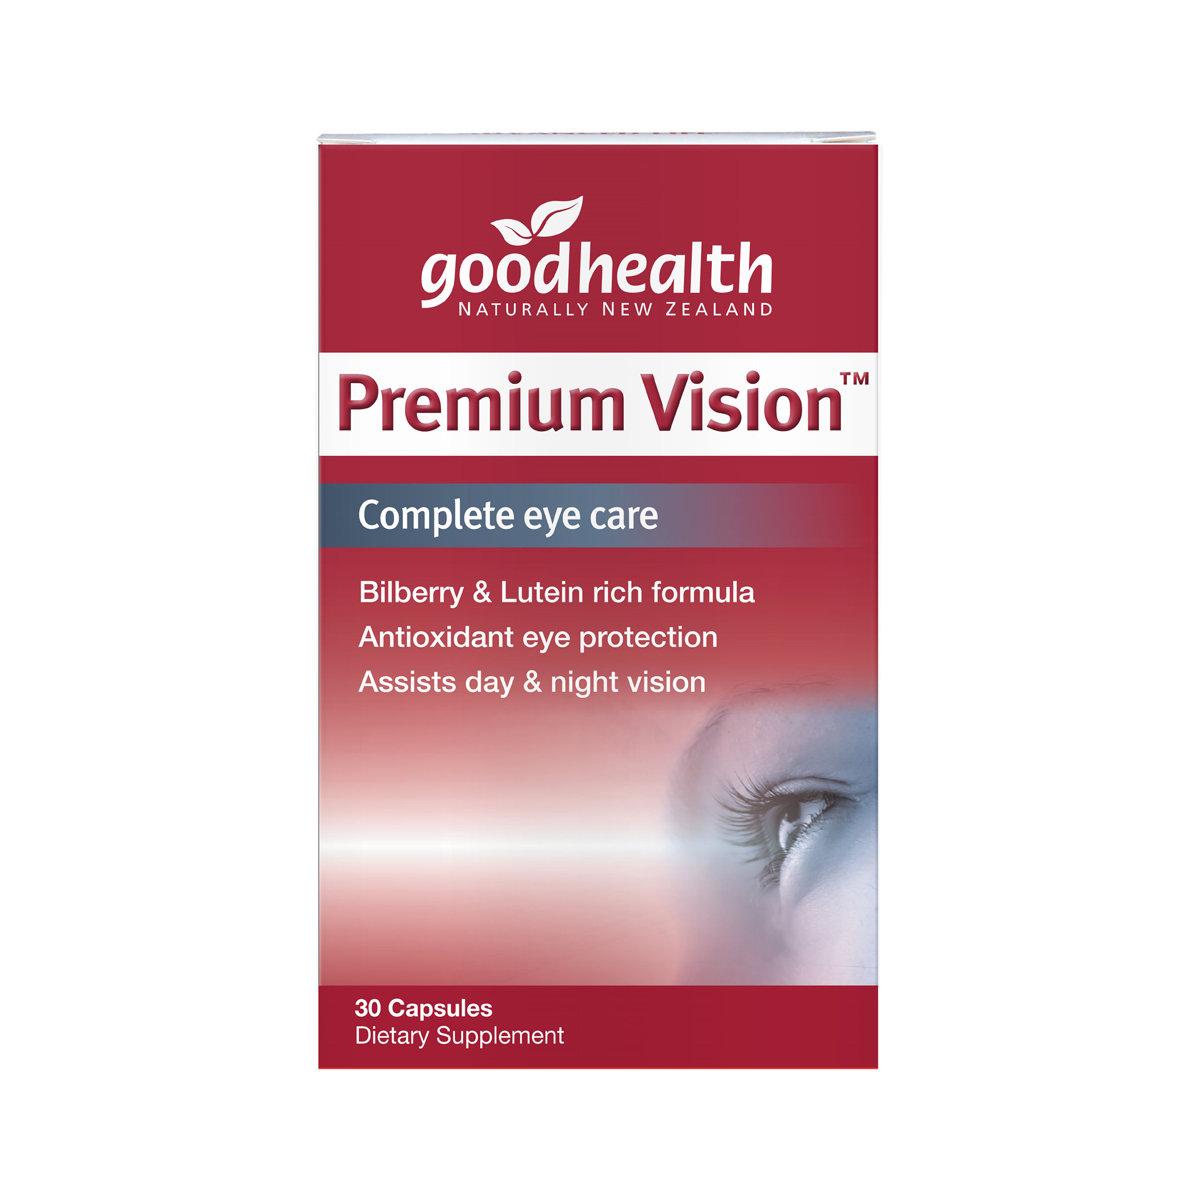 視力保健配方 (30粒裝)